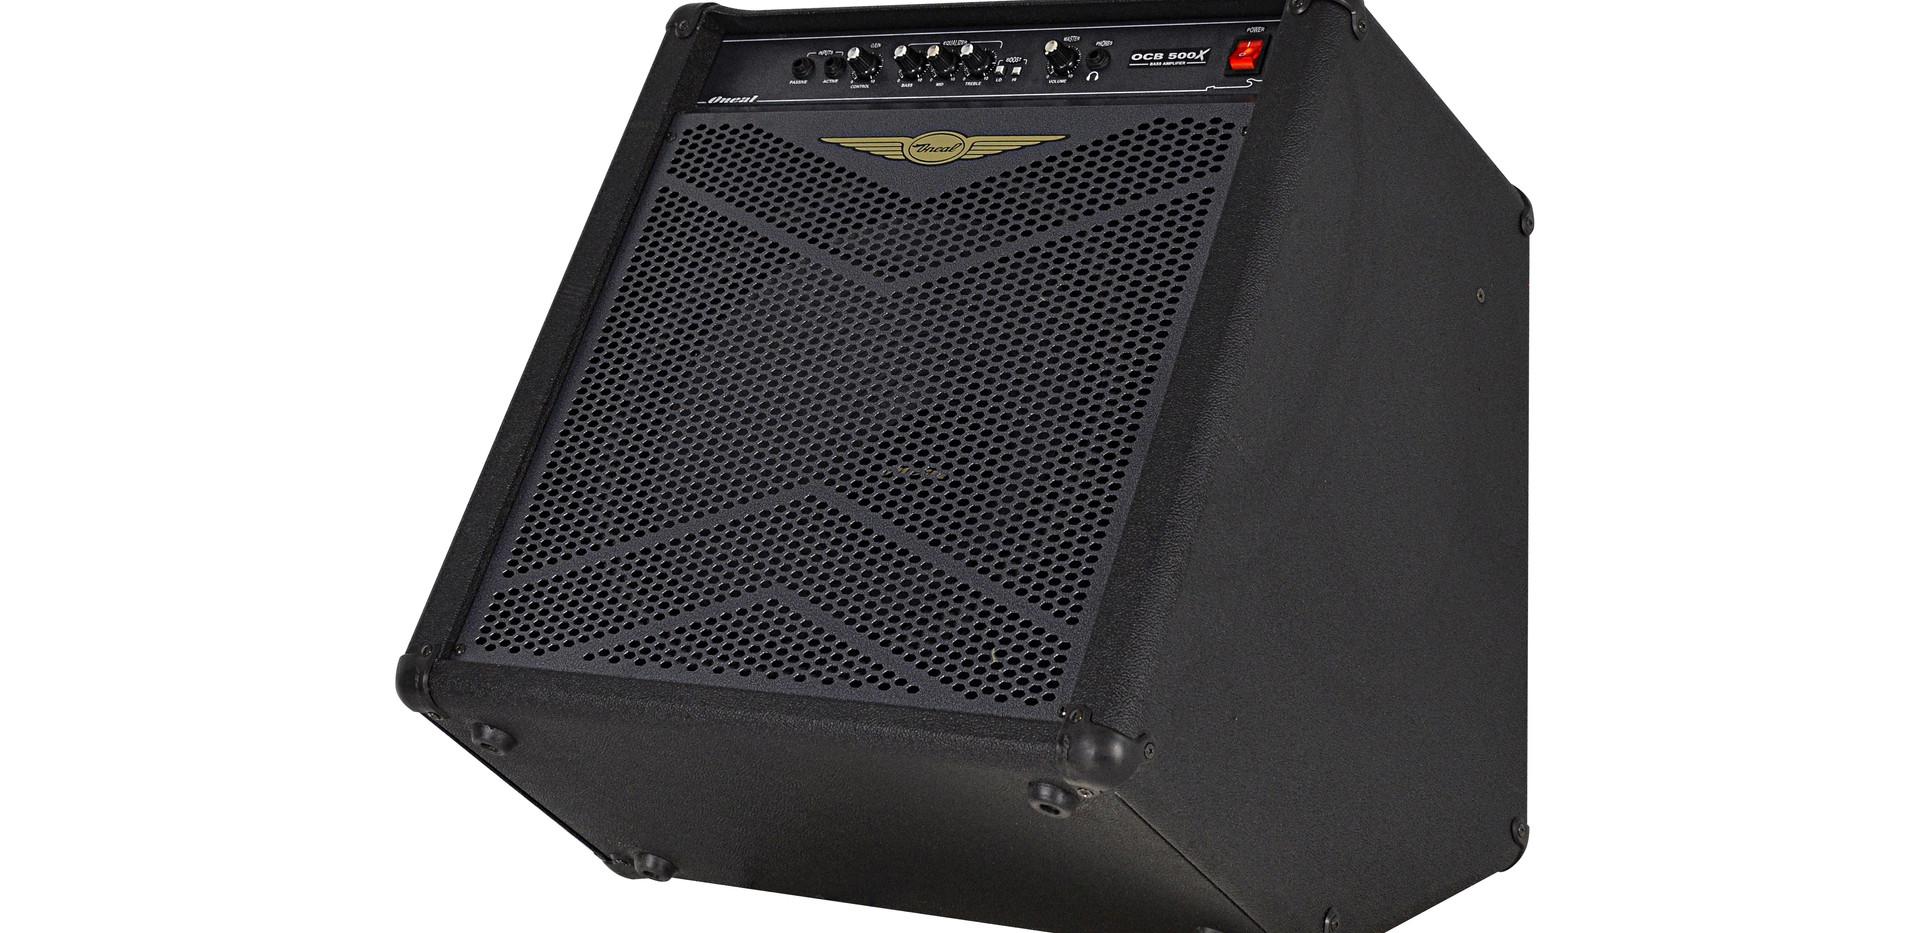 OCB 500X